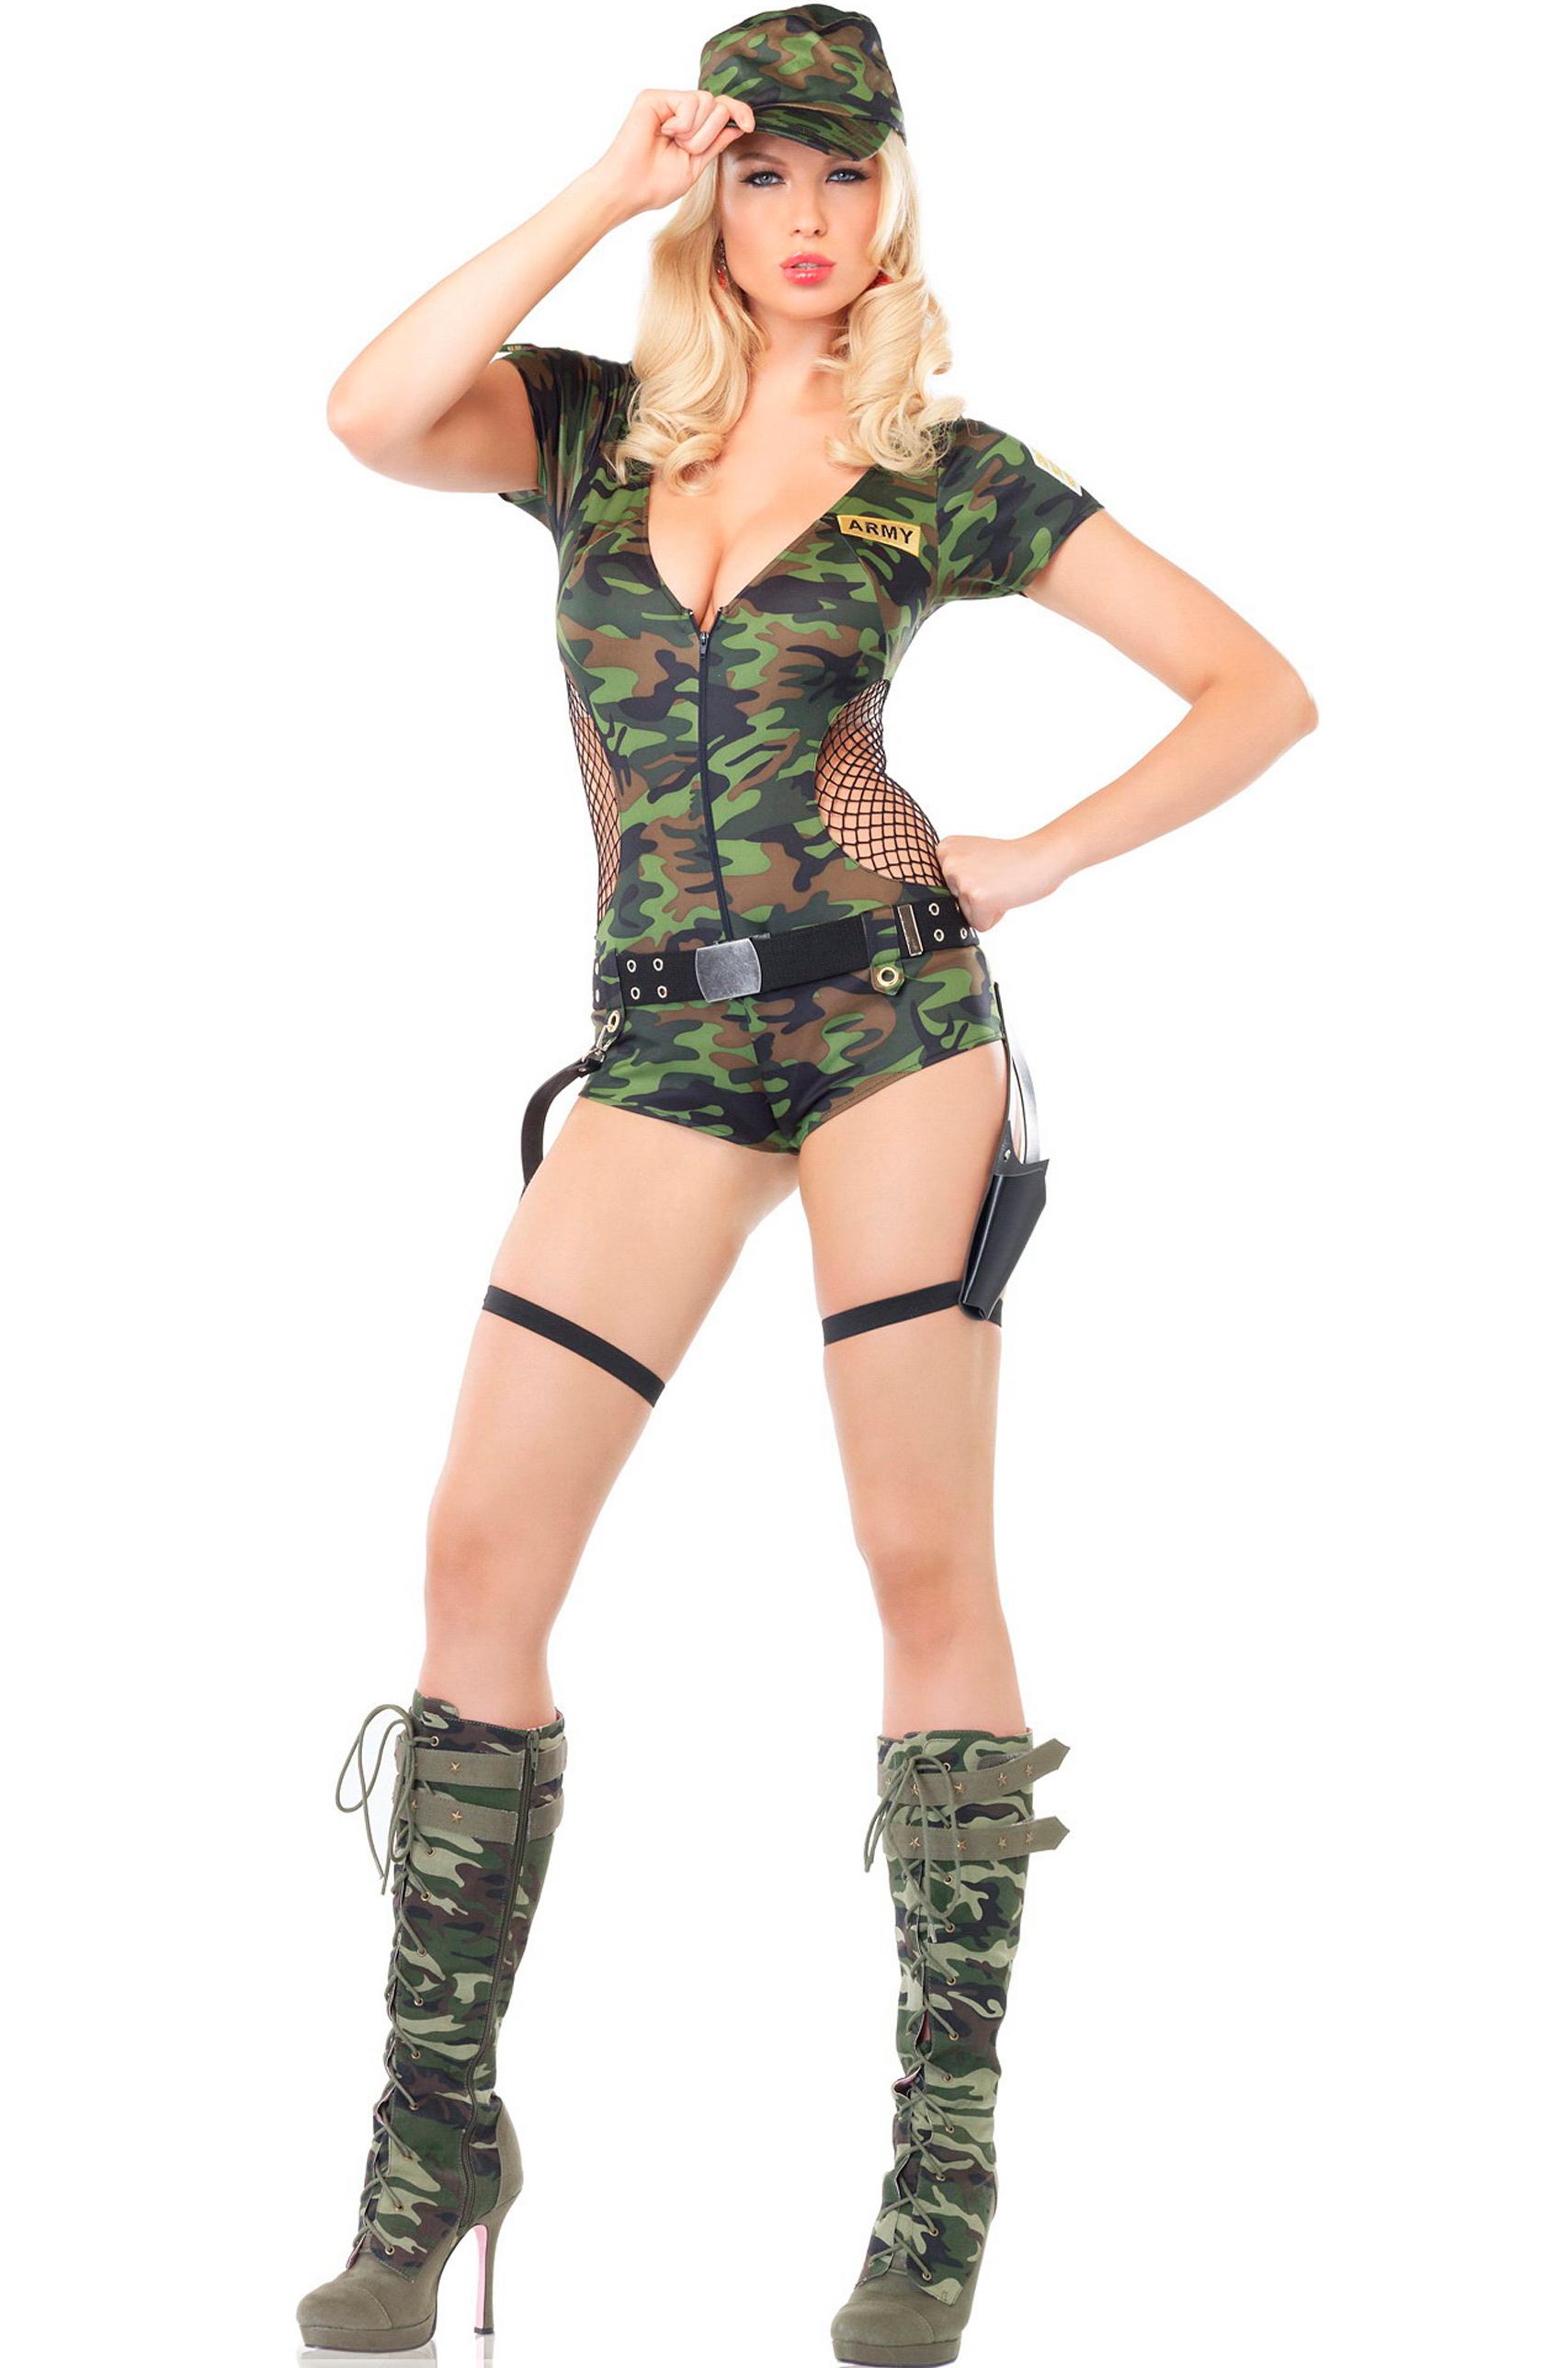 Фото в военном костюме эро 7 фотография